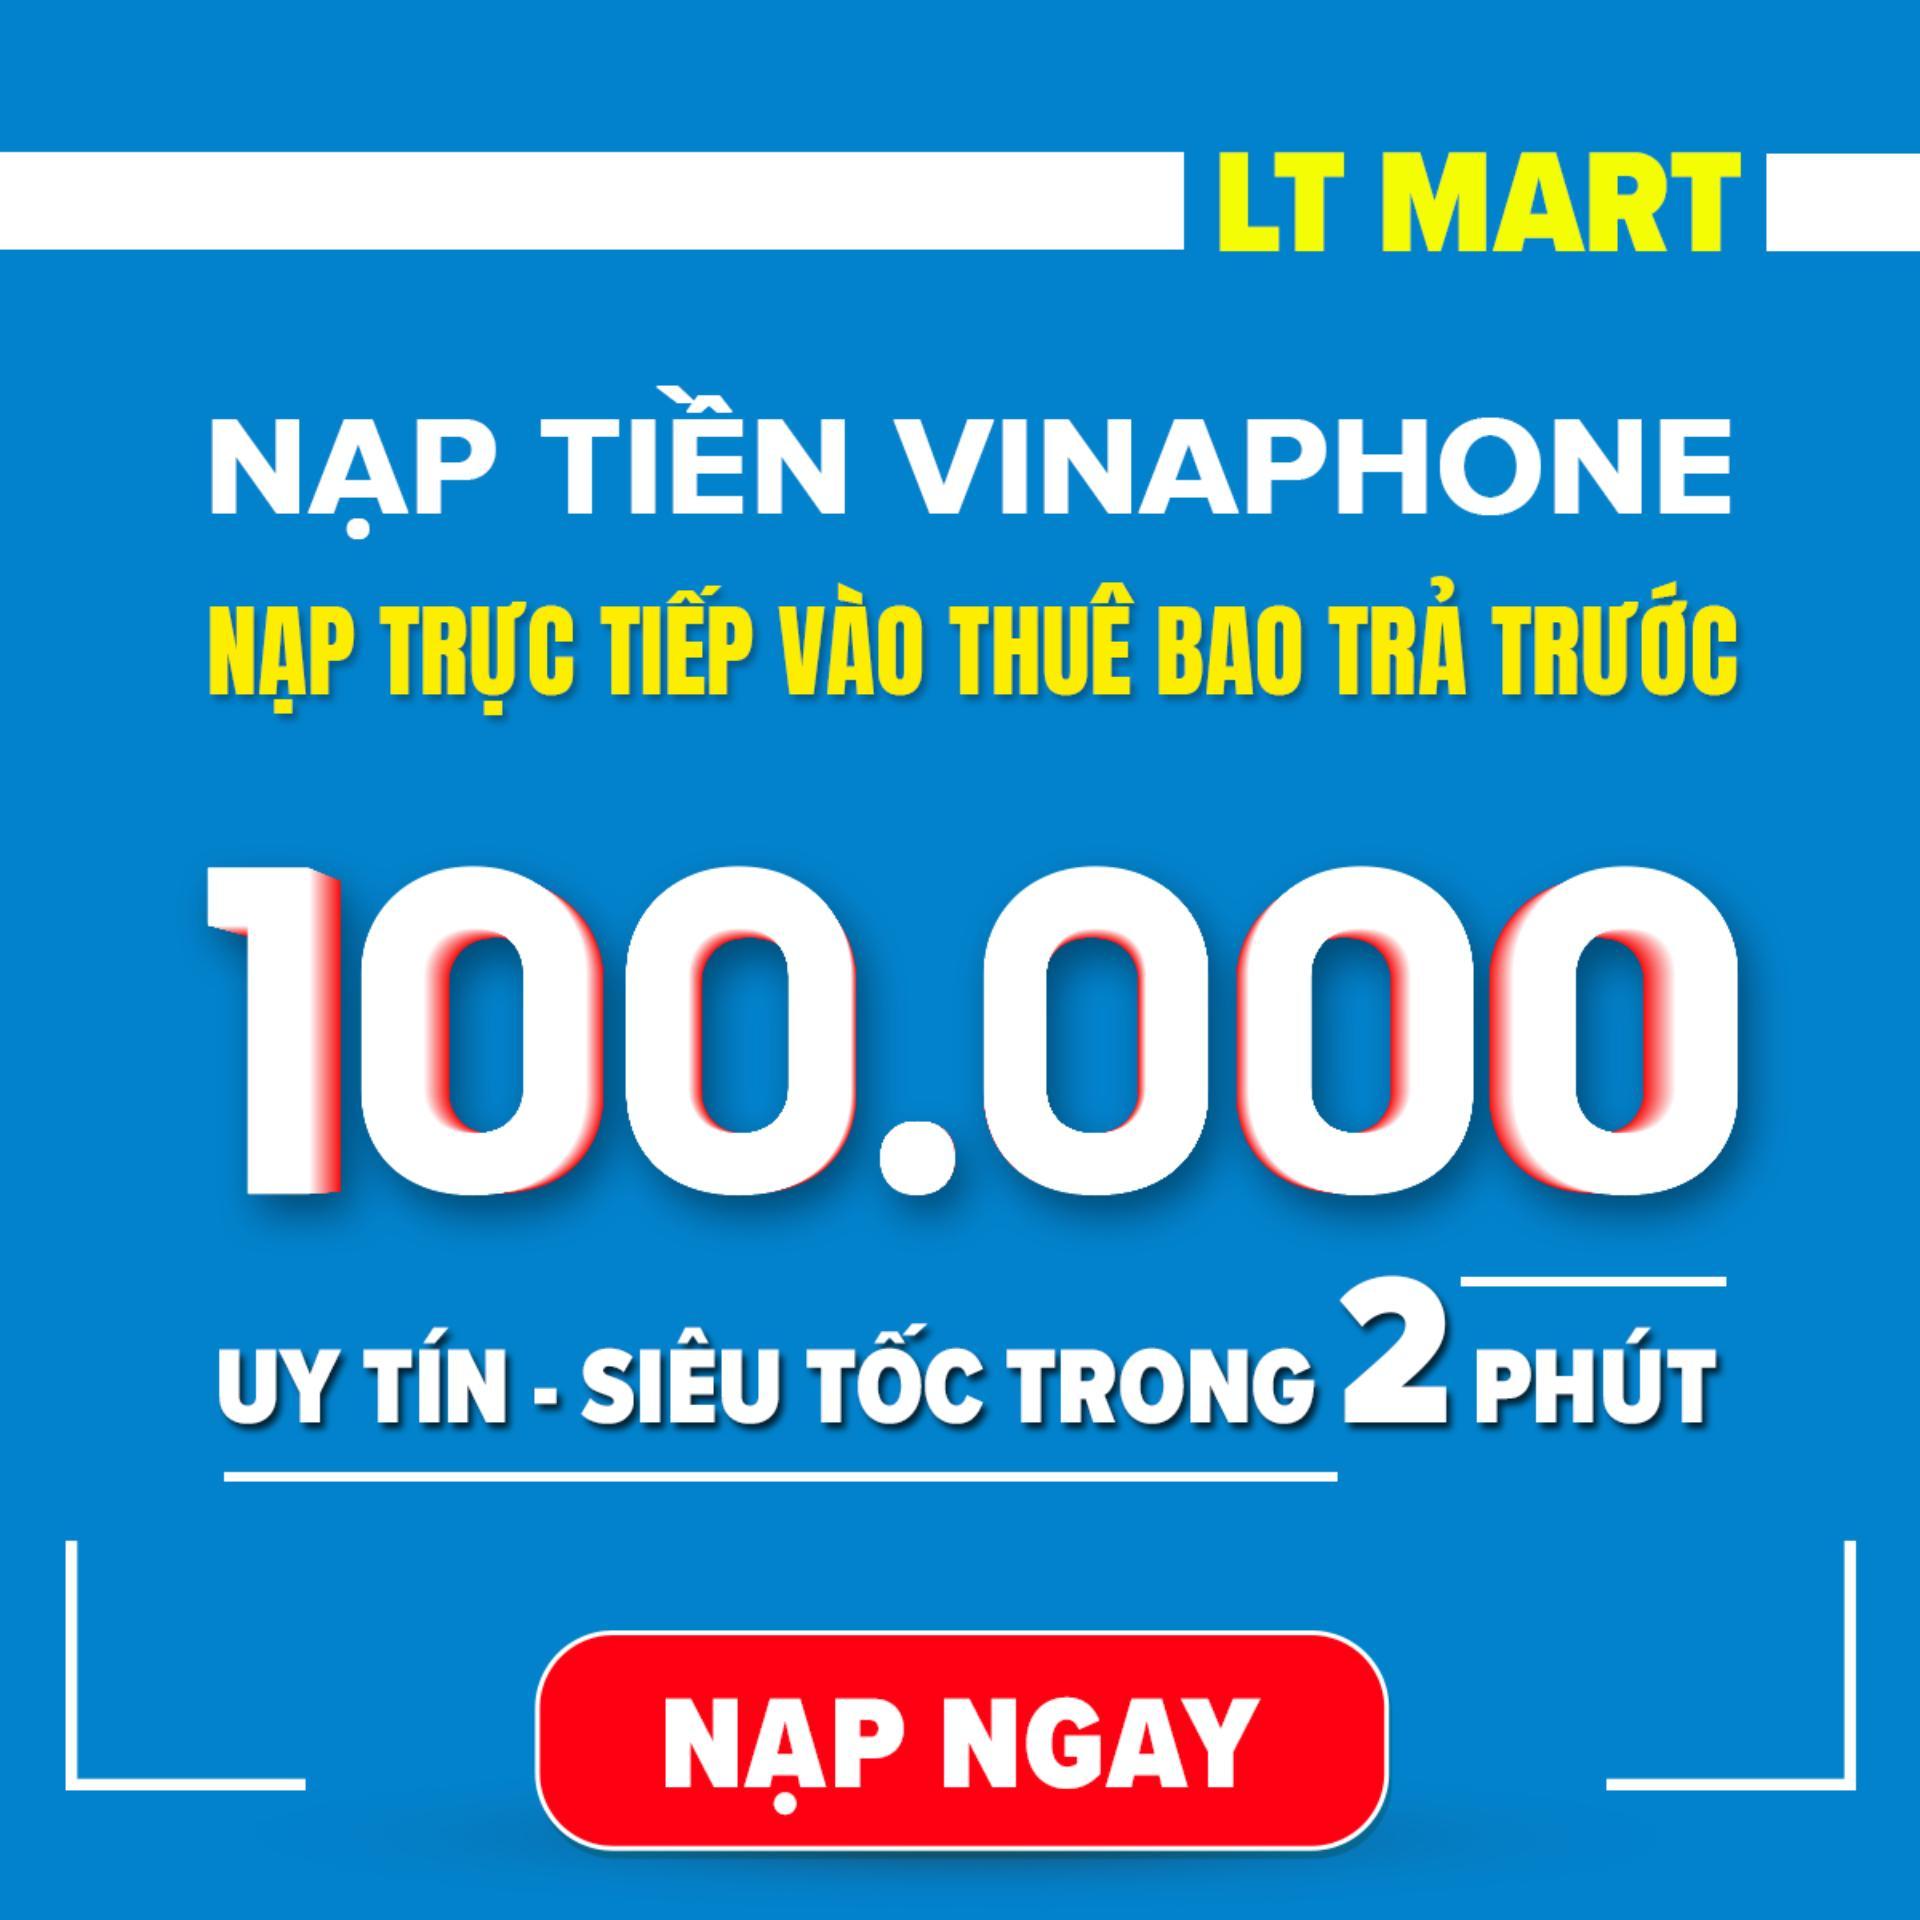 Nạp tiền Vinaphone 100.000 (Nạp tiền trực tiếp vào thuê bao trả trước của vinaphone) LTmart - Uy tín thao tác nhanh chóng.[Vinaphone][100000]